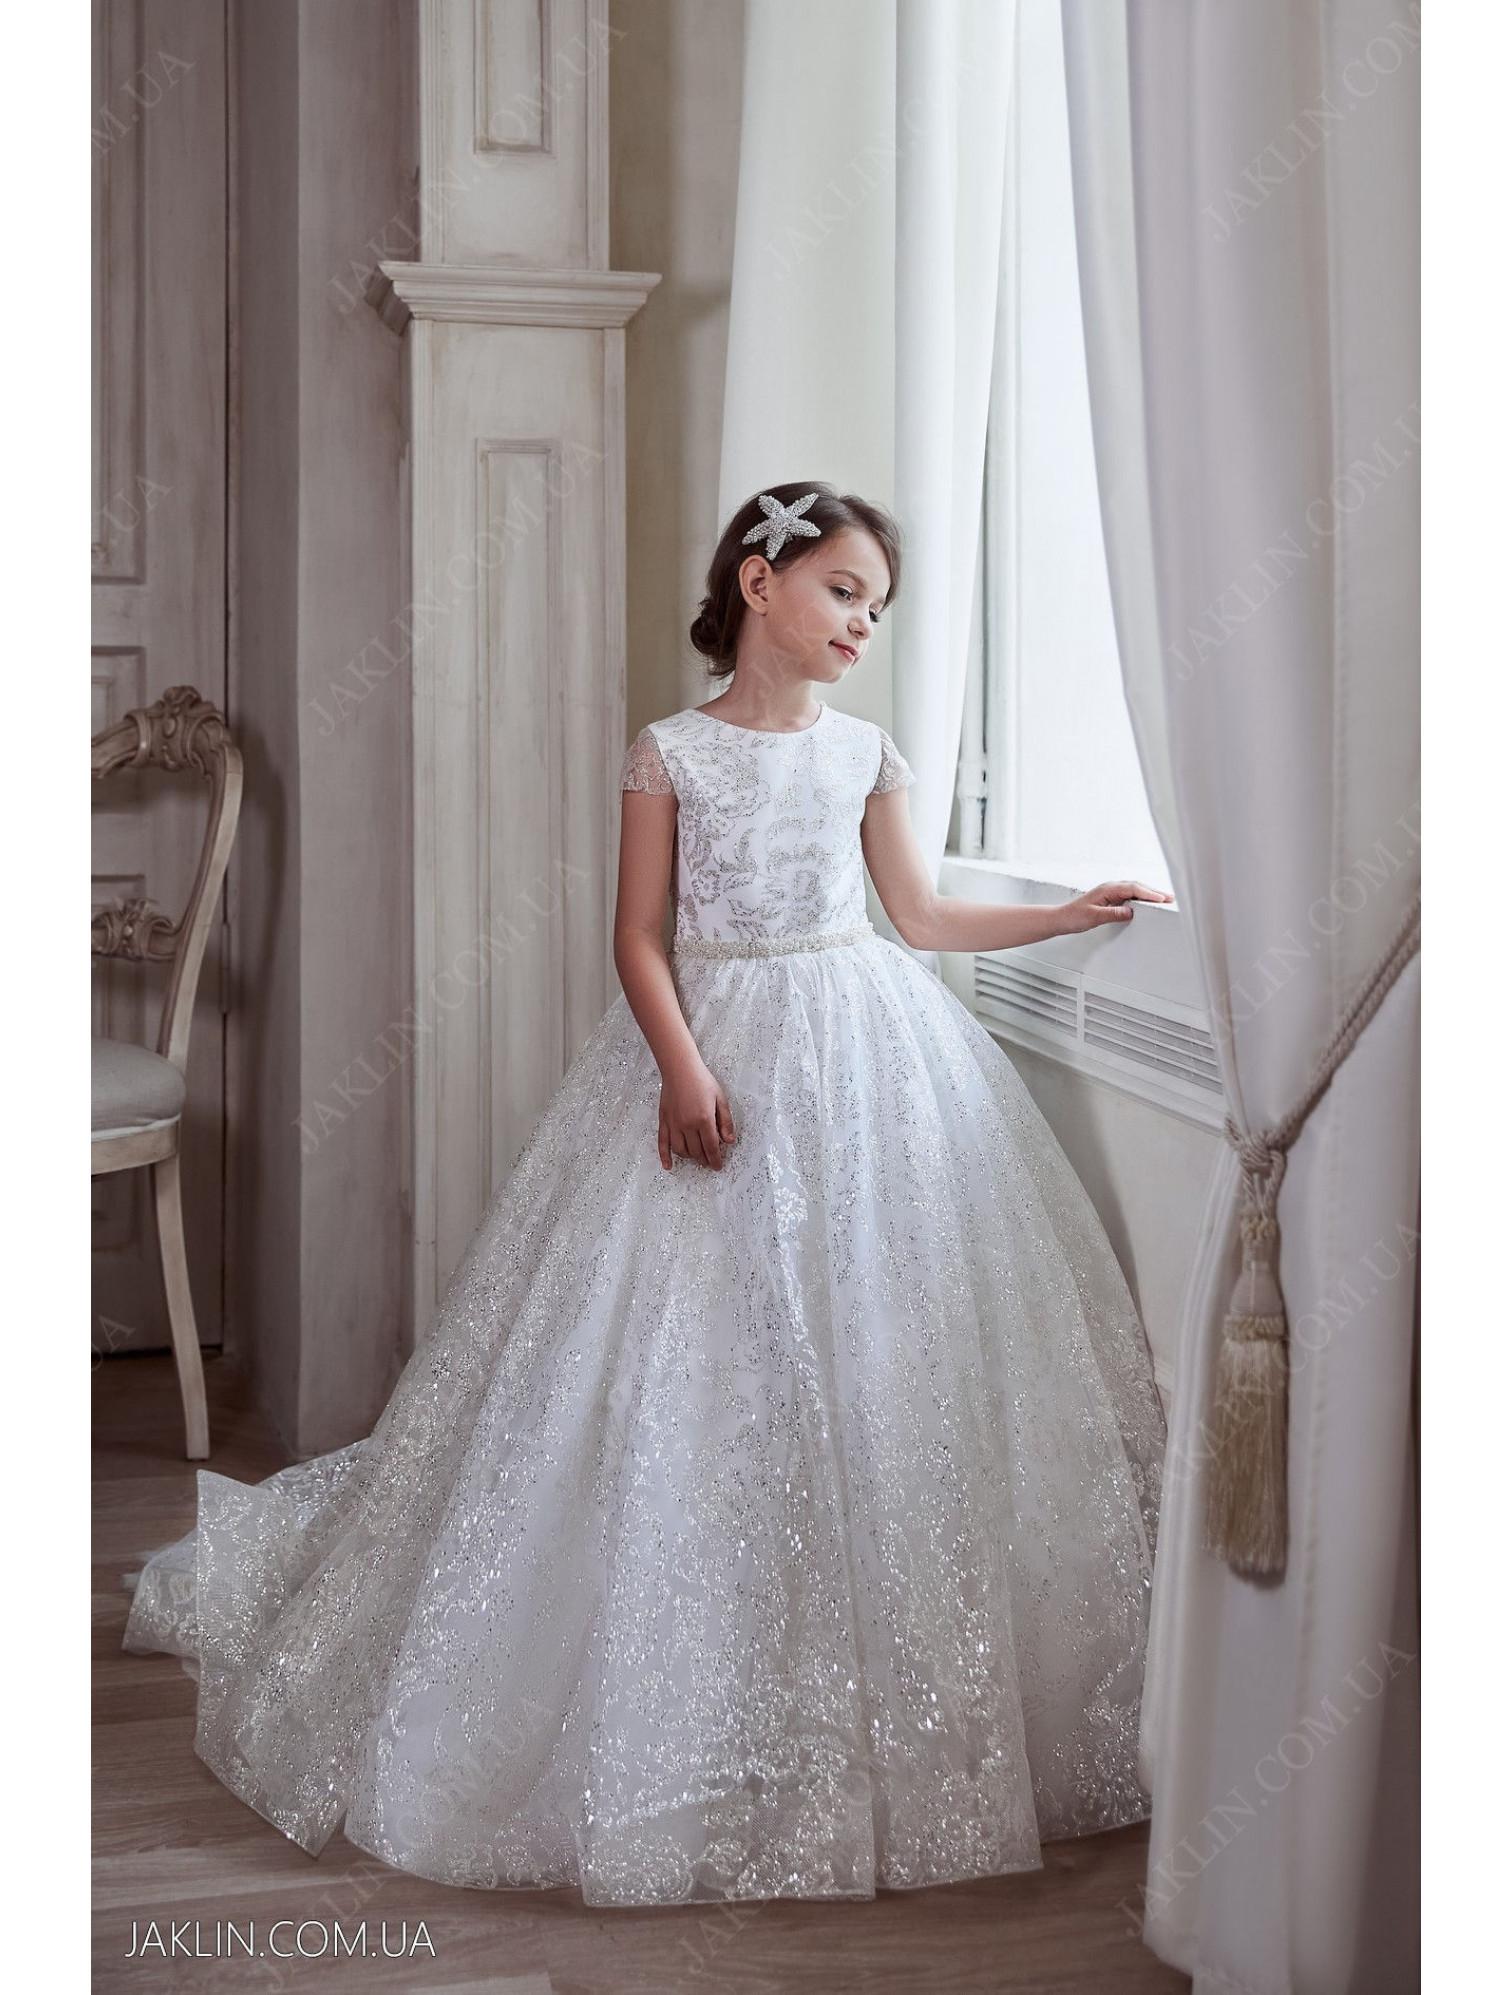 Дитяча сукня 3131